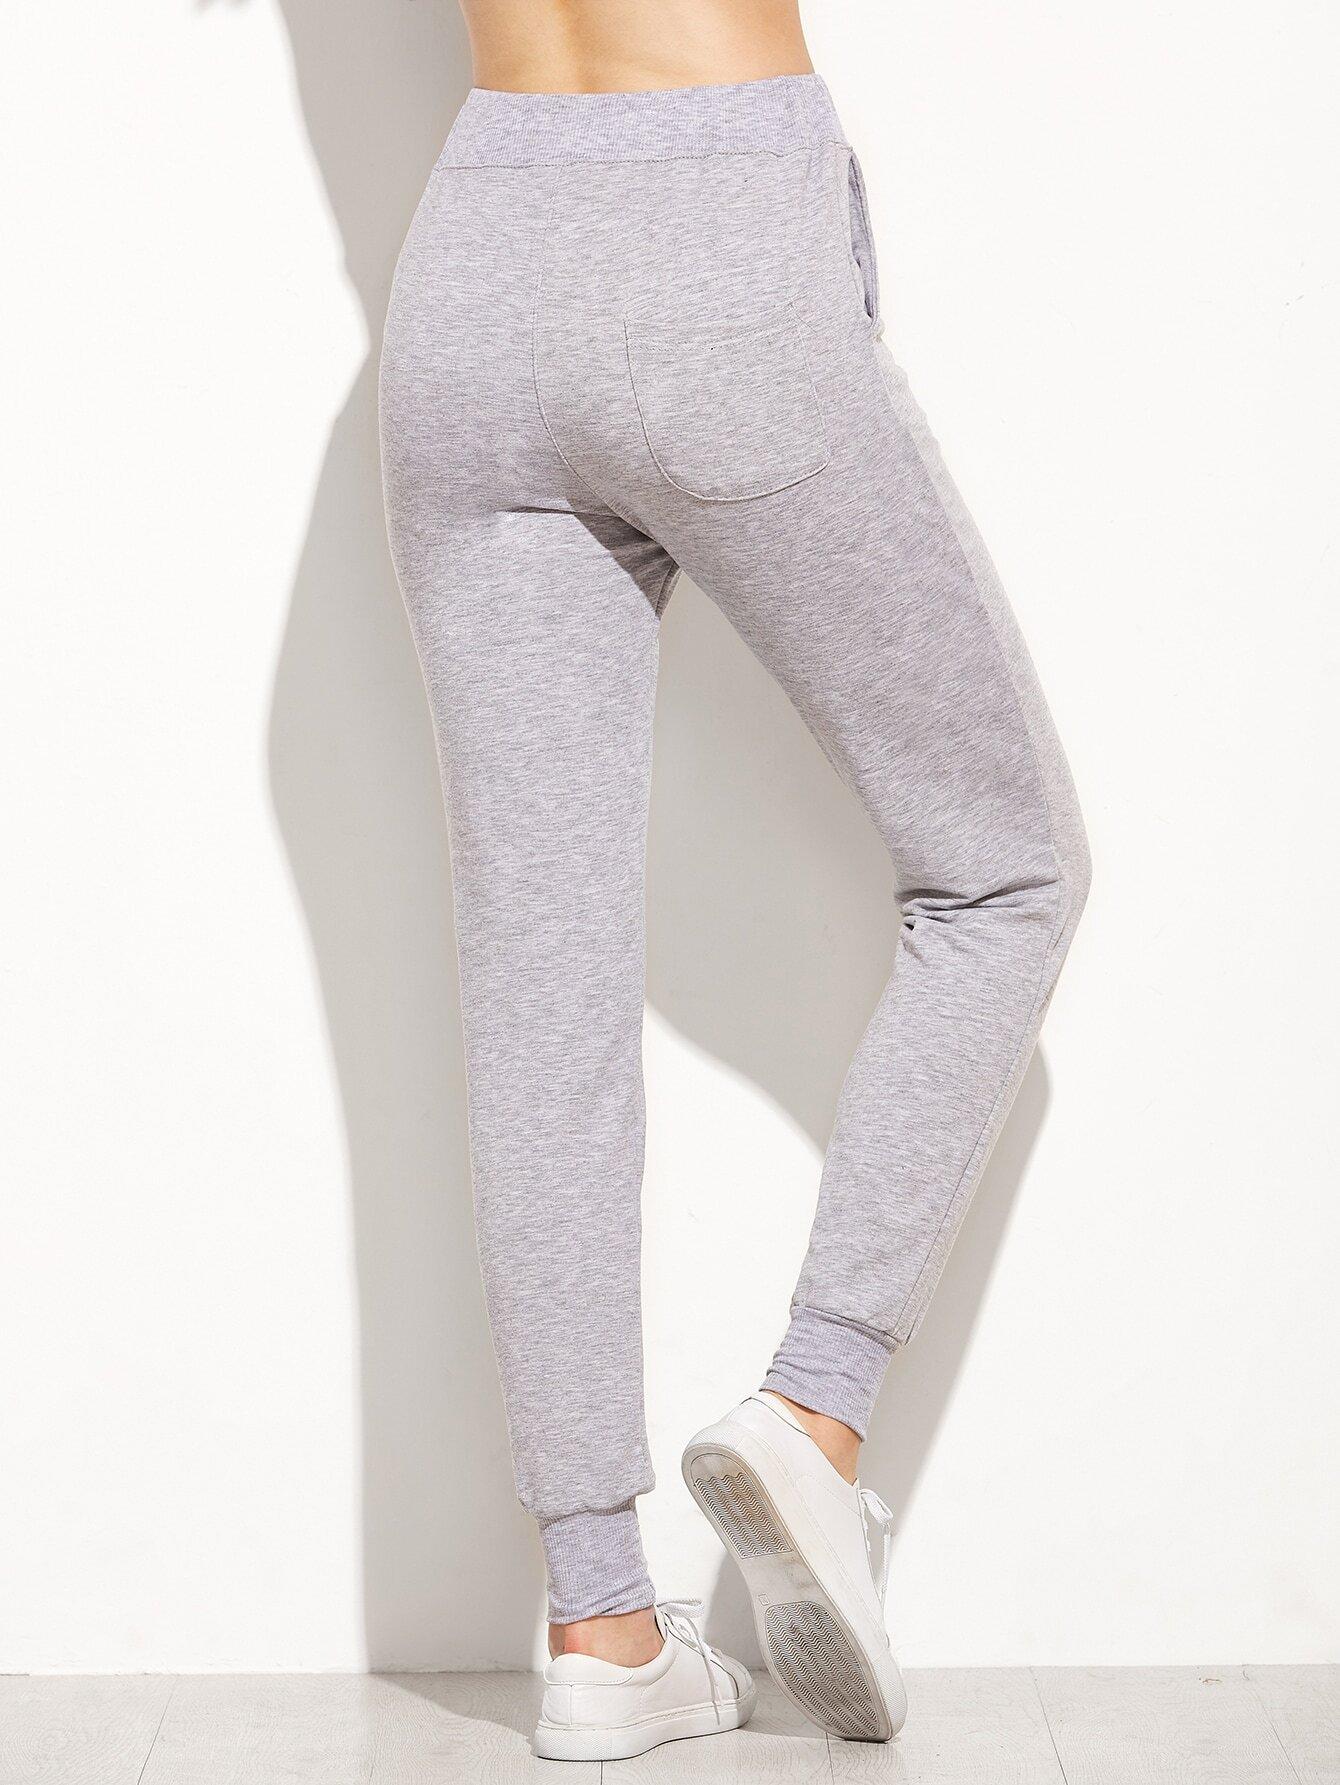 pants160809102_2